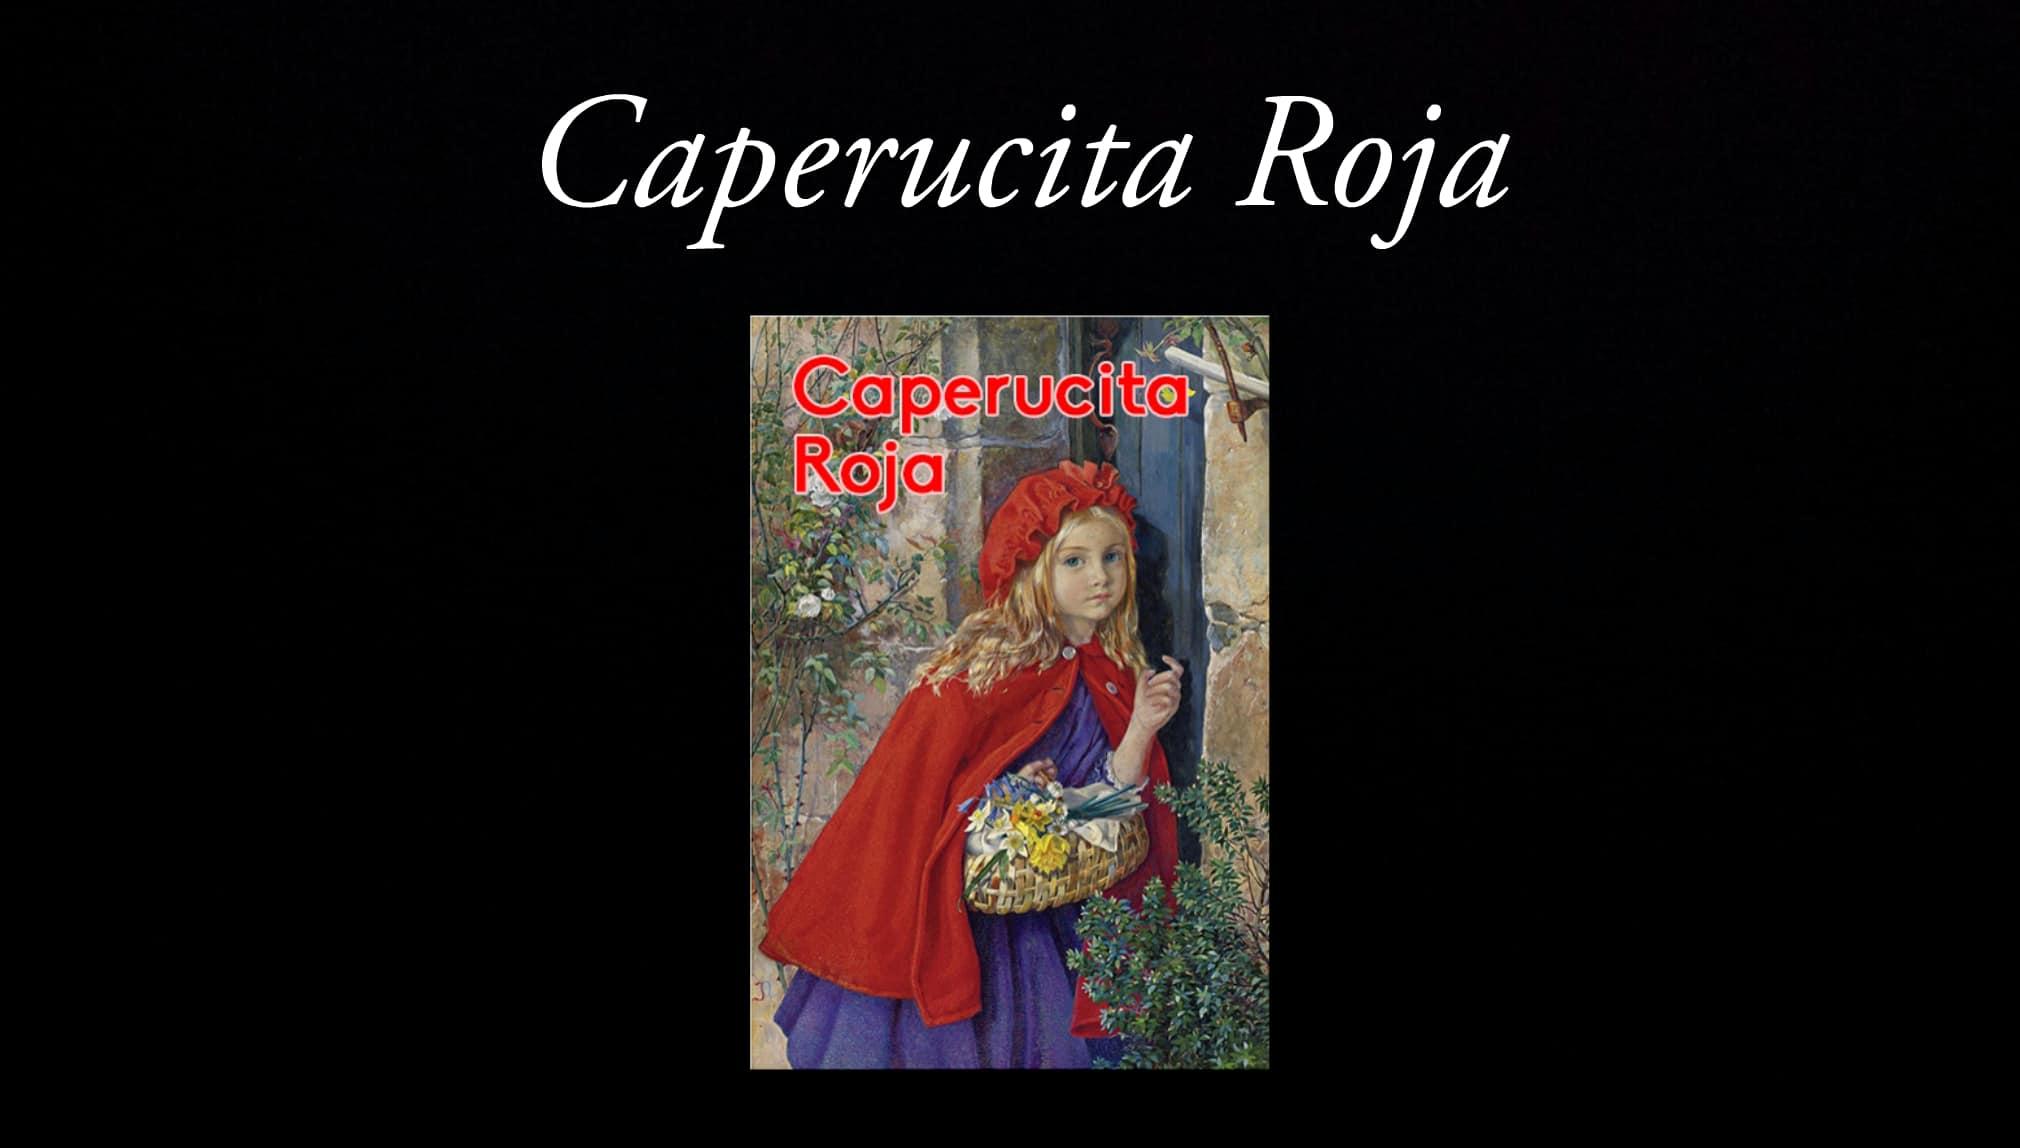 Nombre Caperucita Roja Version Porno la caperucita roja, un clásico que nunca pasará de moda